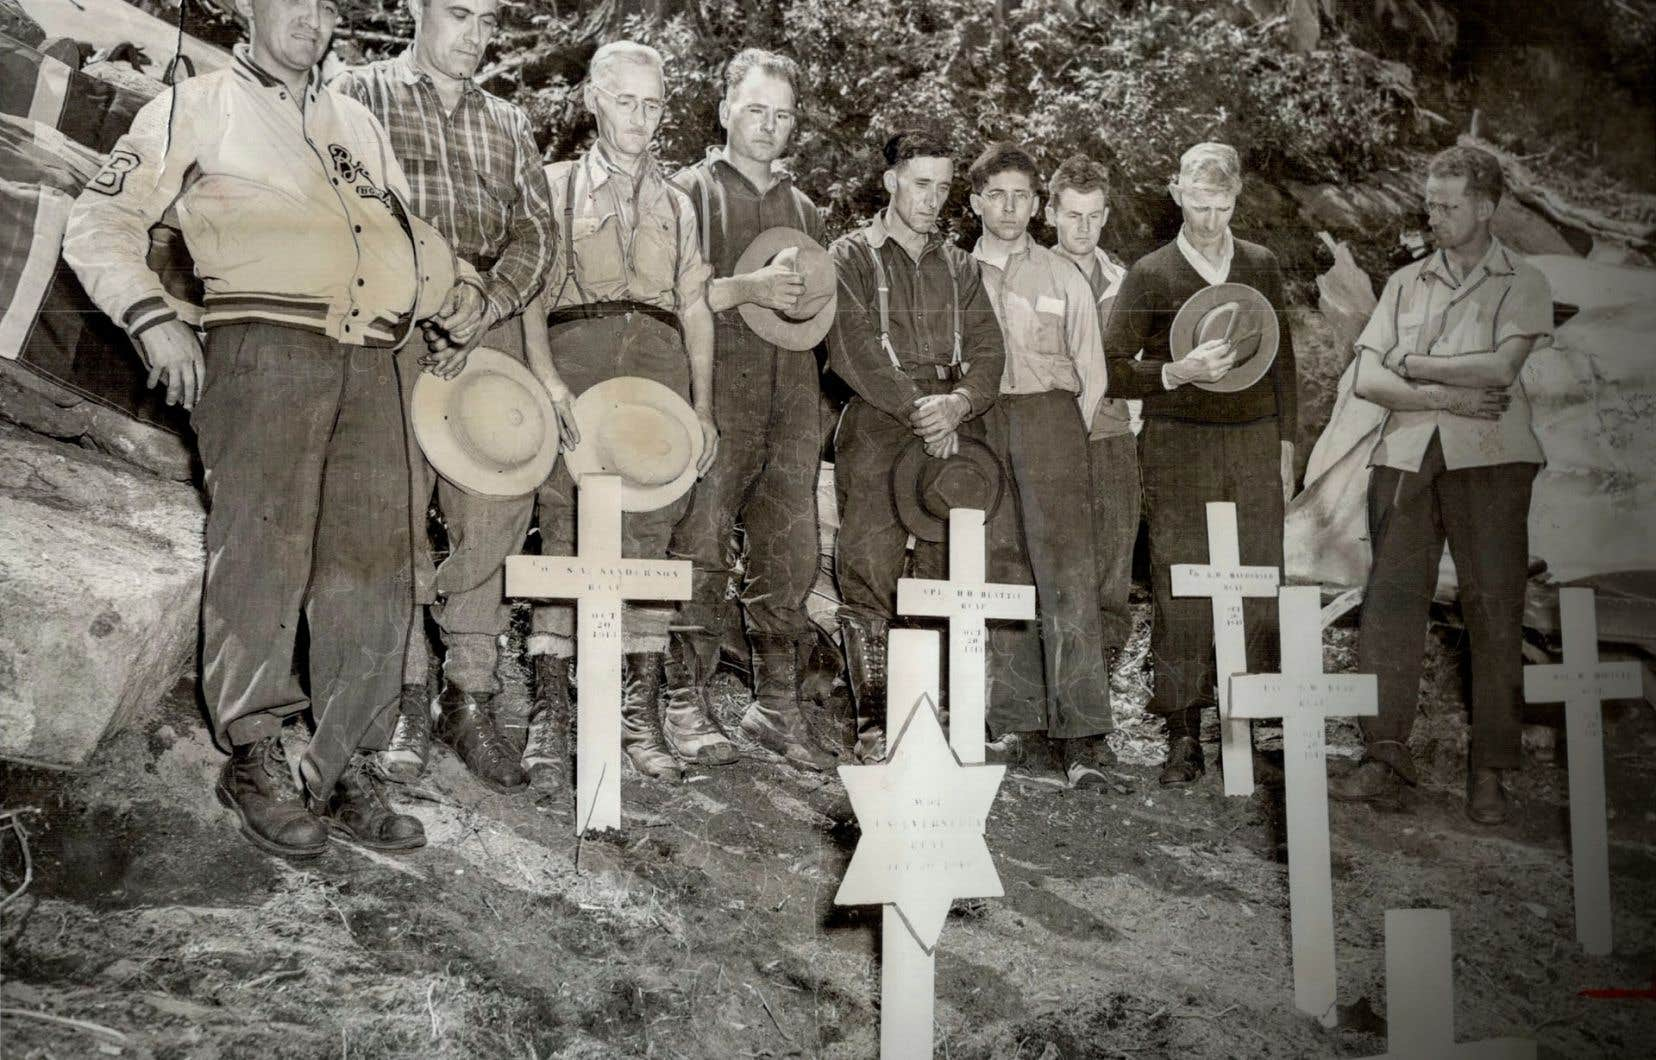 Le père de Steve Sanderson (deuxième à gauche) a ainsi nommé son fils en souvenir de son frère, Stephen Andrew Sanderson, mort dans l'écrasement de l'avion qu'il pilotait.